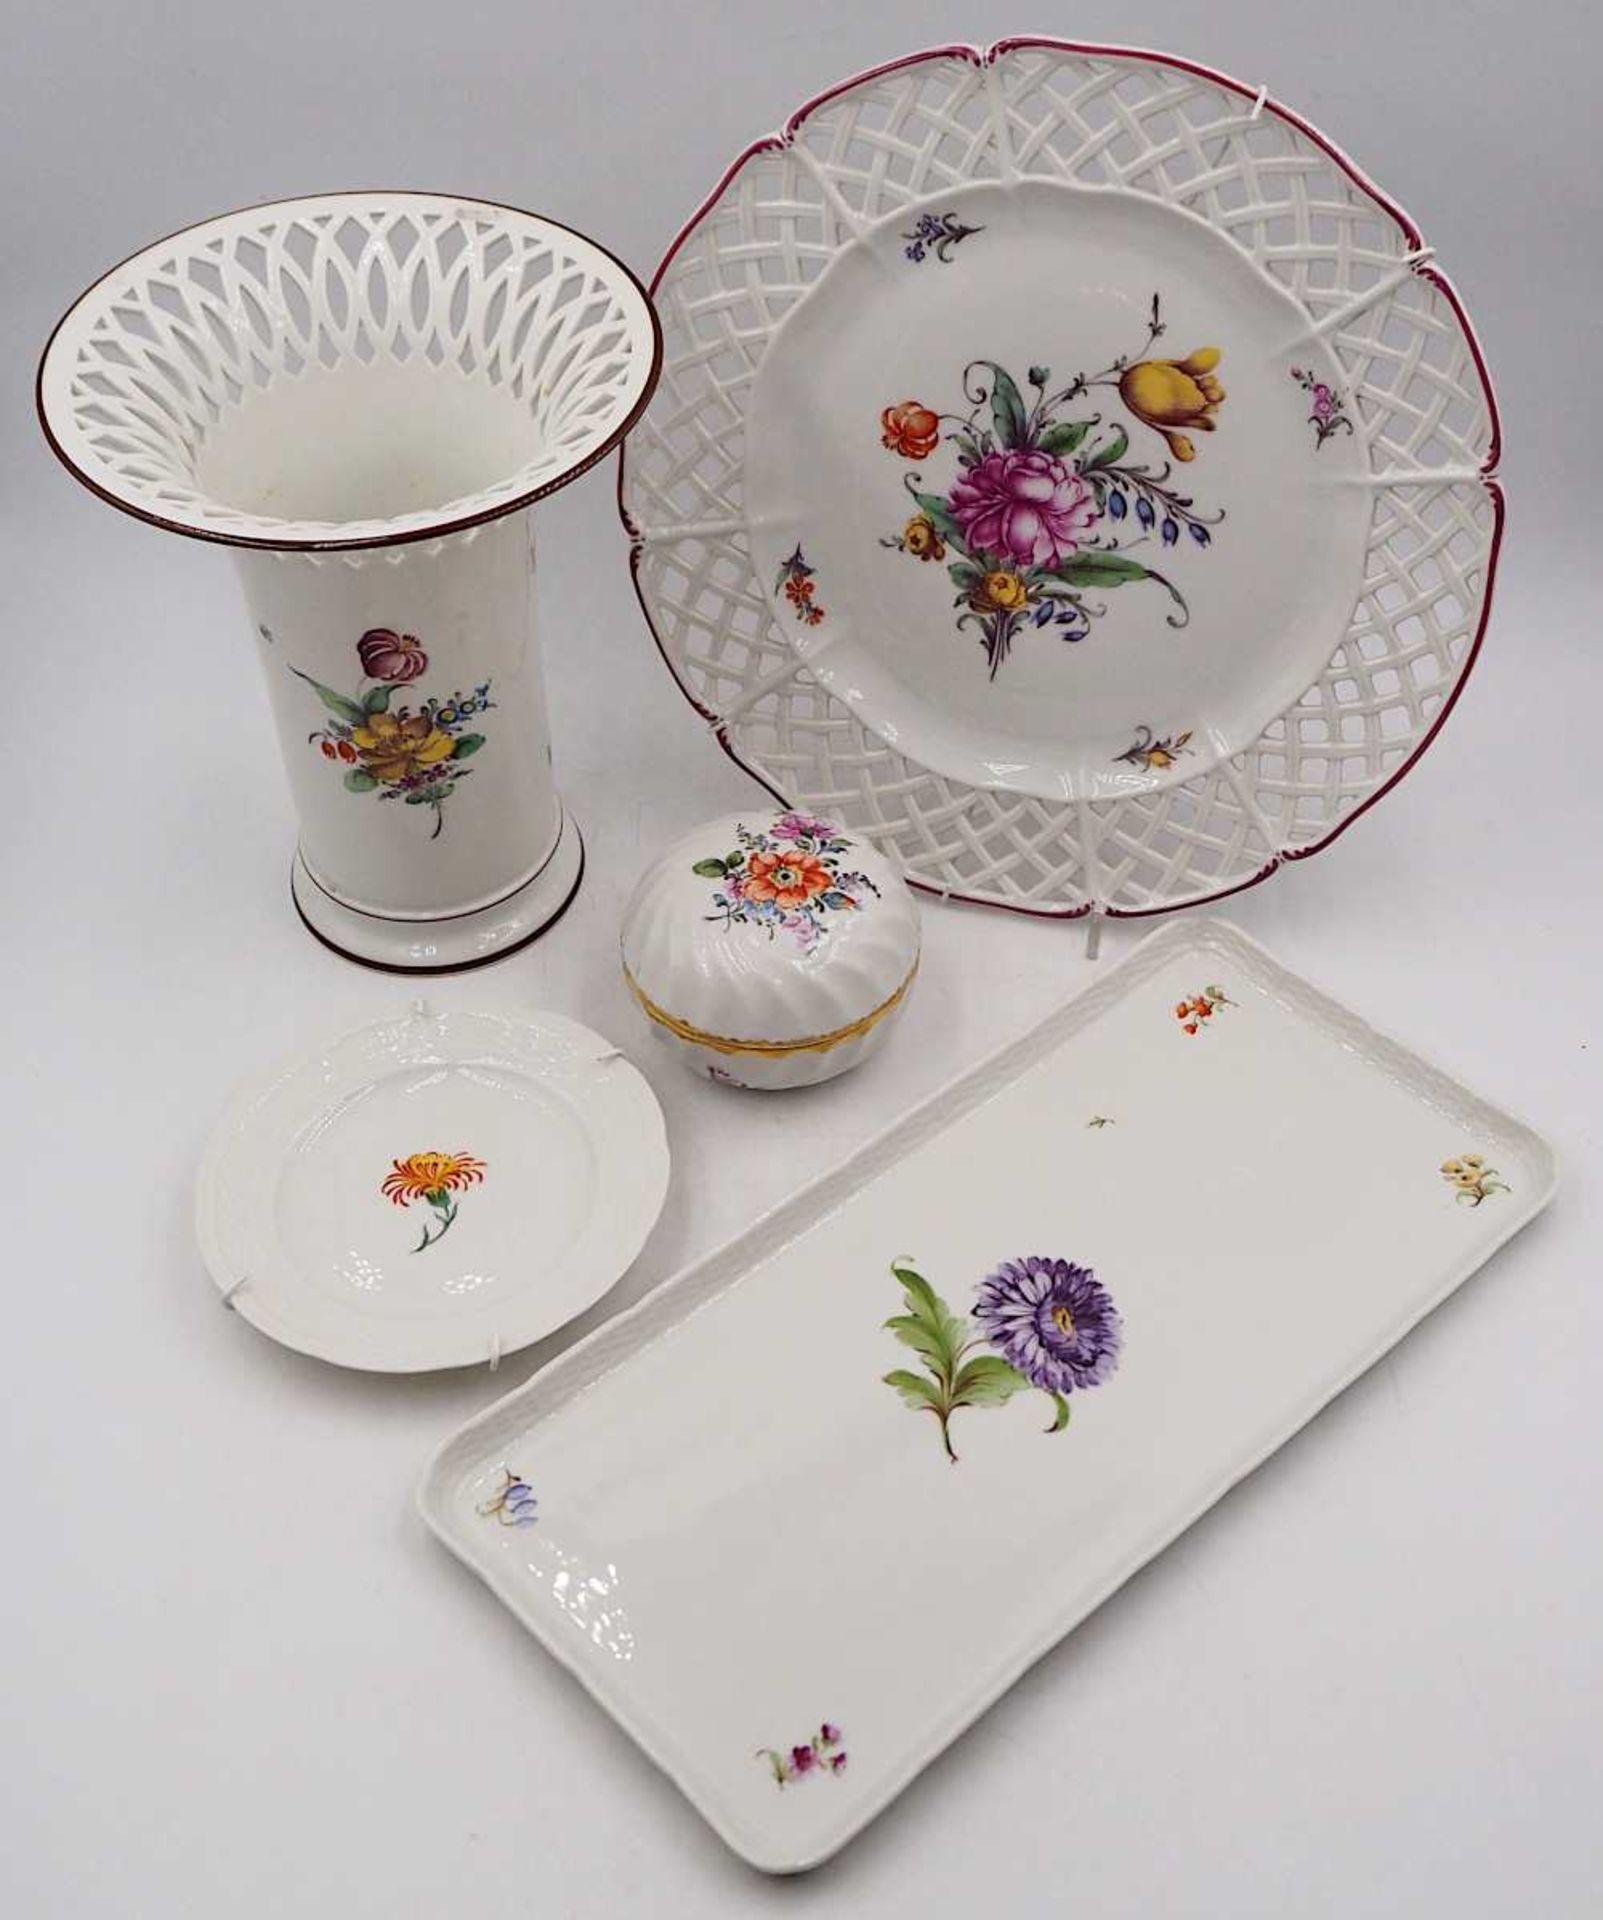 1 Konv. Porzellan NYMPHENBURG, versch. Serien und Muster vor allem weiß mit Blumendekor <br